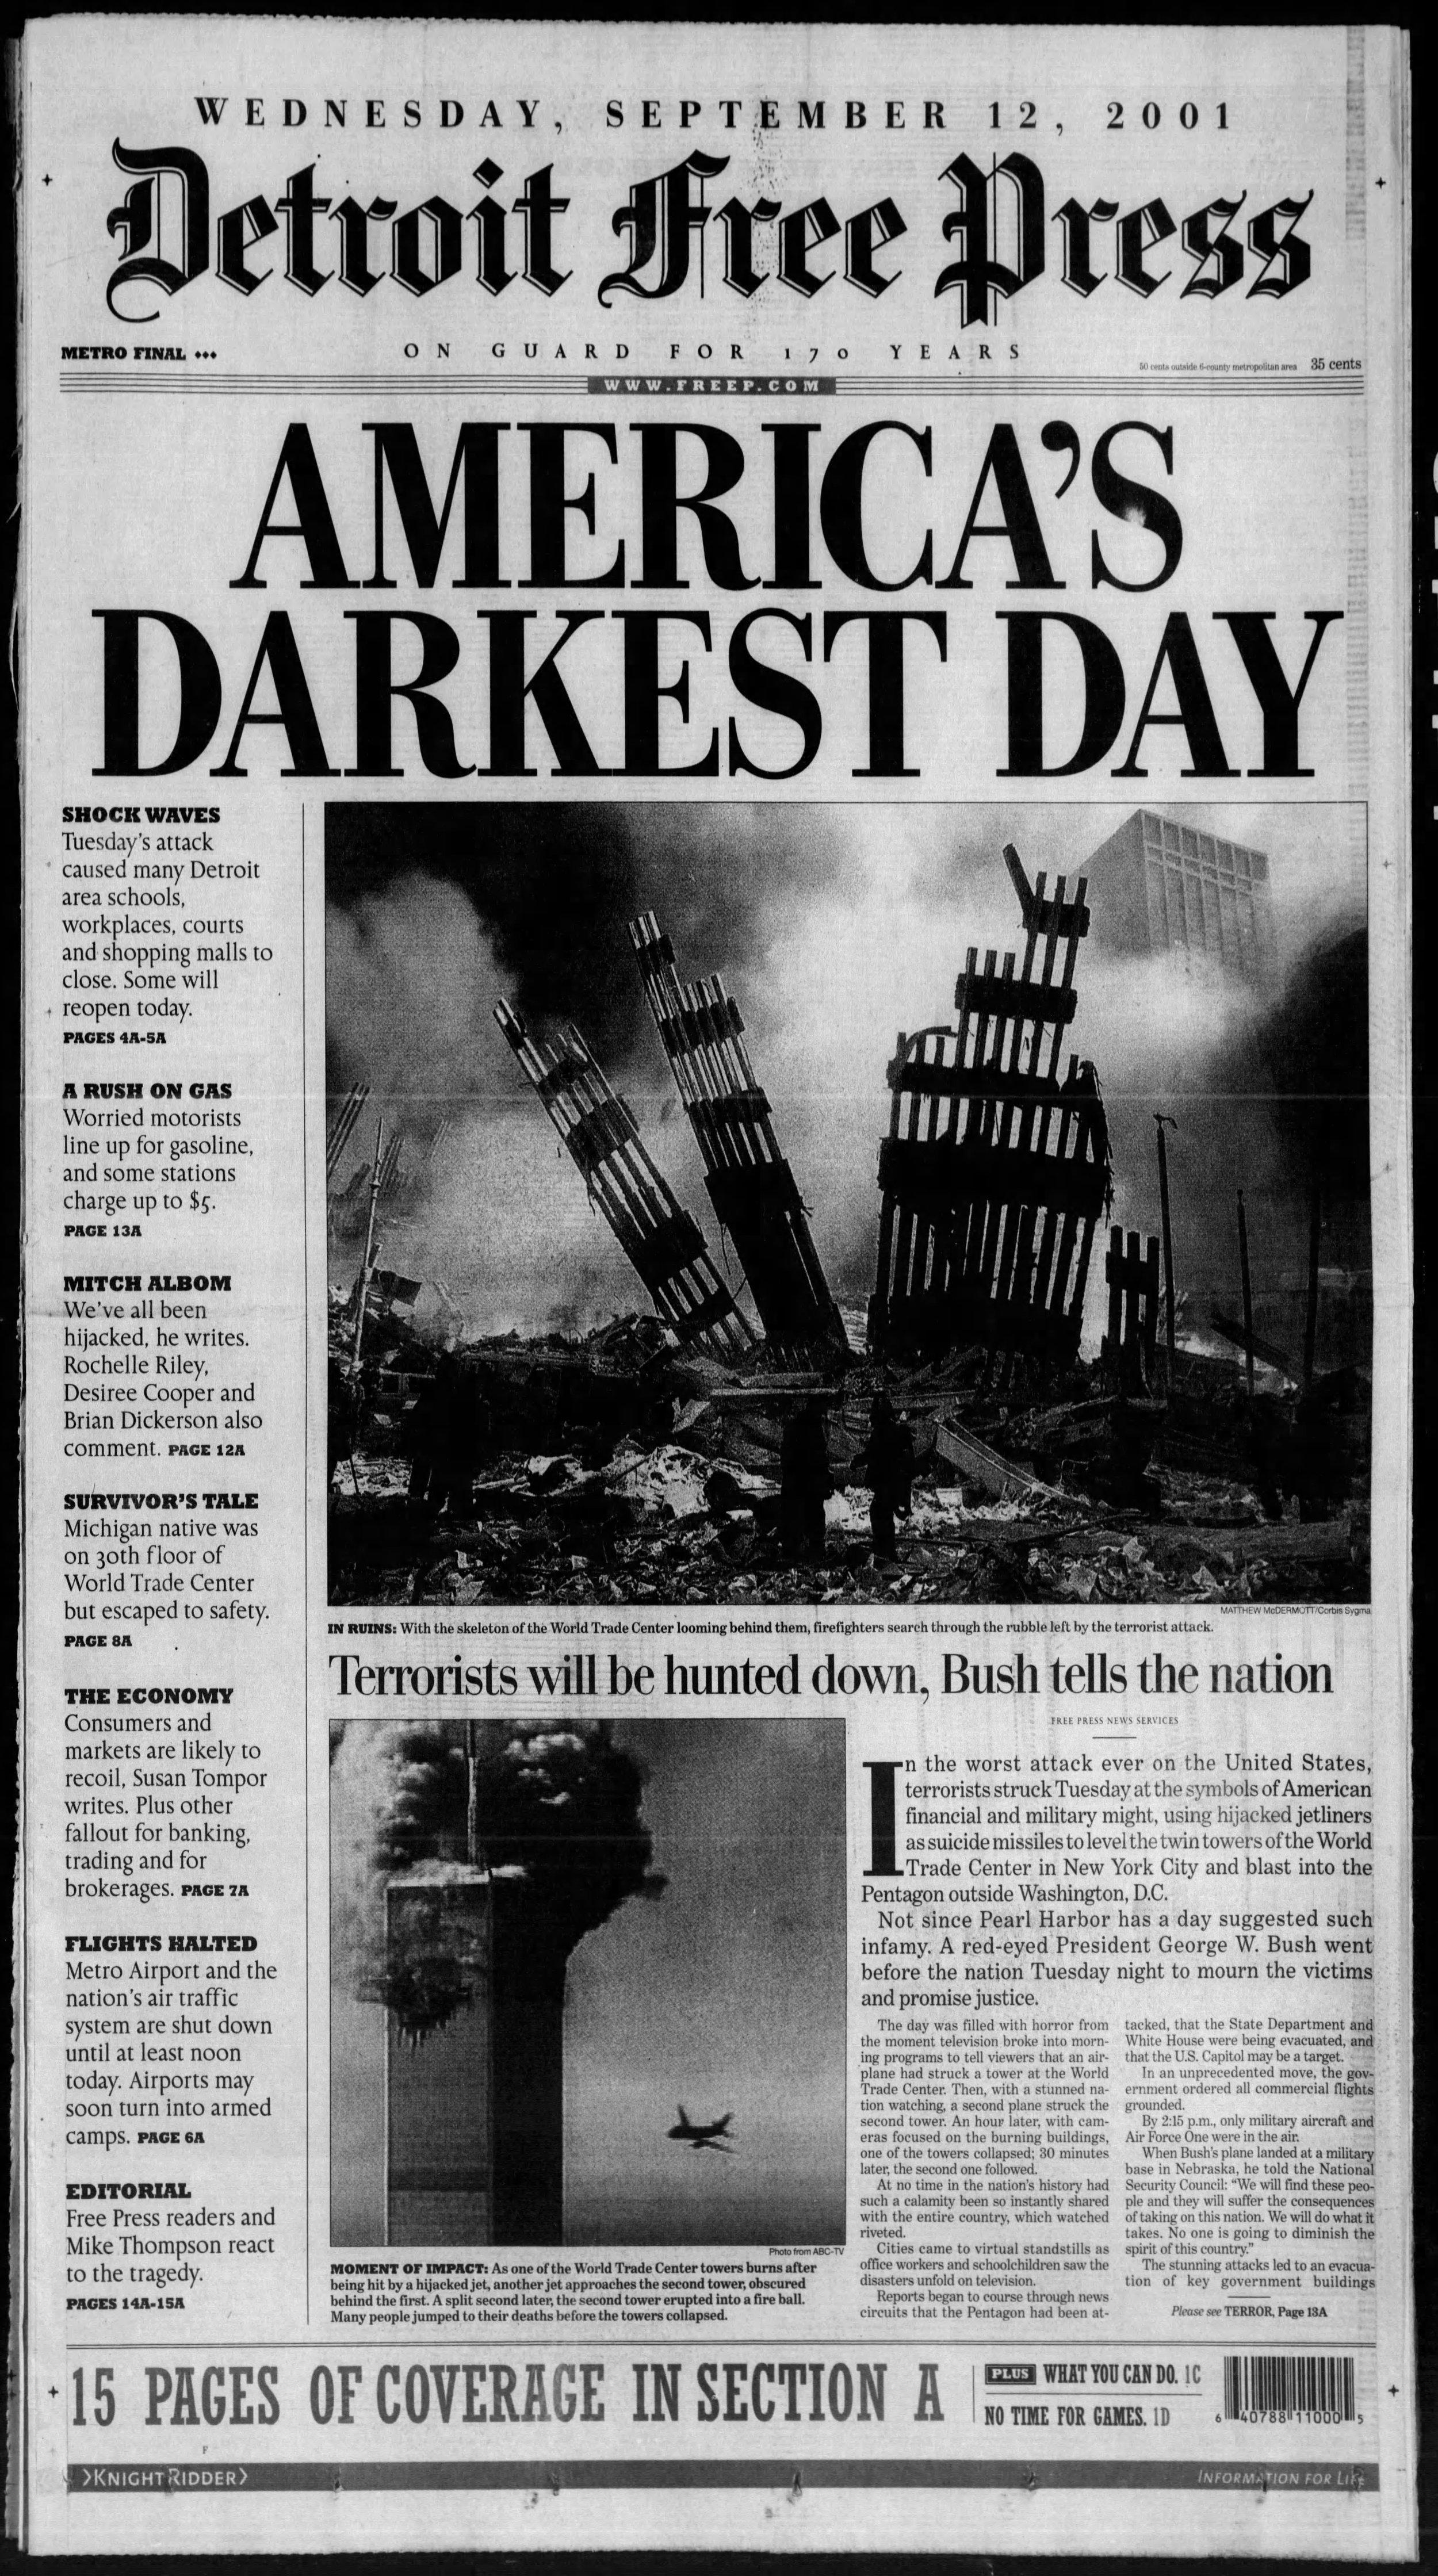 Detroit_Free_Press_Wed__Sep_12__2001_ (2).jpg